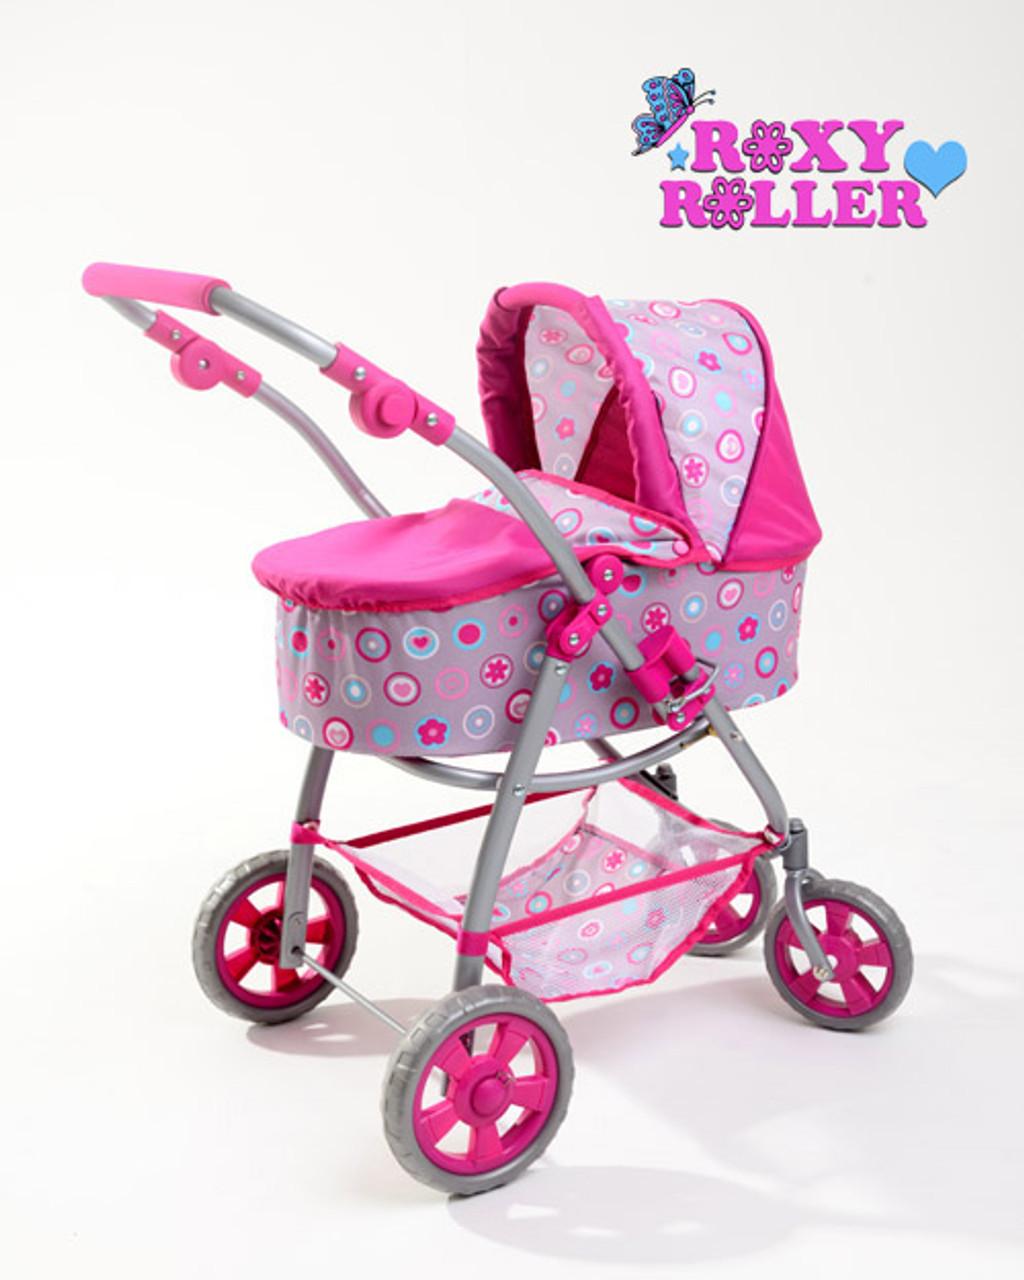 Roxy Roller 3 in 1 Kids Toy Stroller